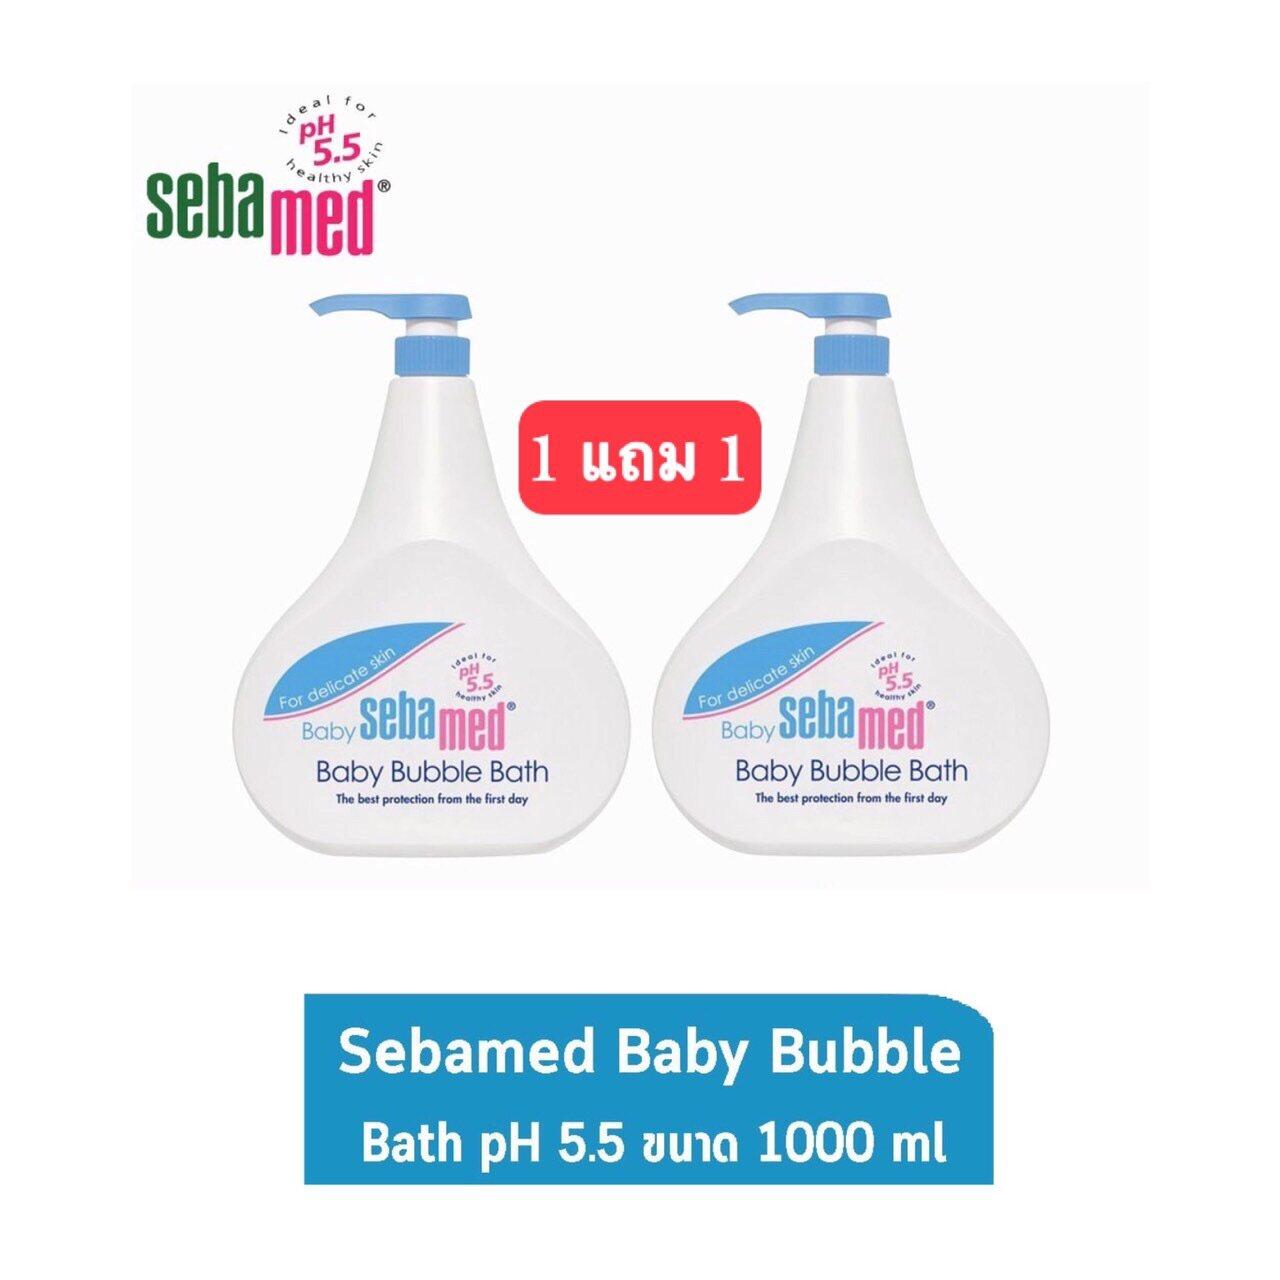 โปรโมชั่น Sebamed Baby Bubble Bath pH 5.5 ซีบาเมด เบบี้ บับเบิ้ล บาธ 1000ML [2 ขวด]